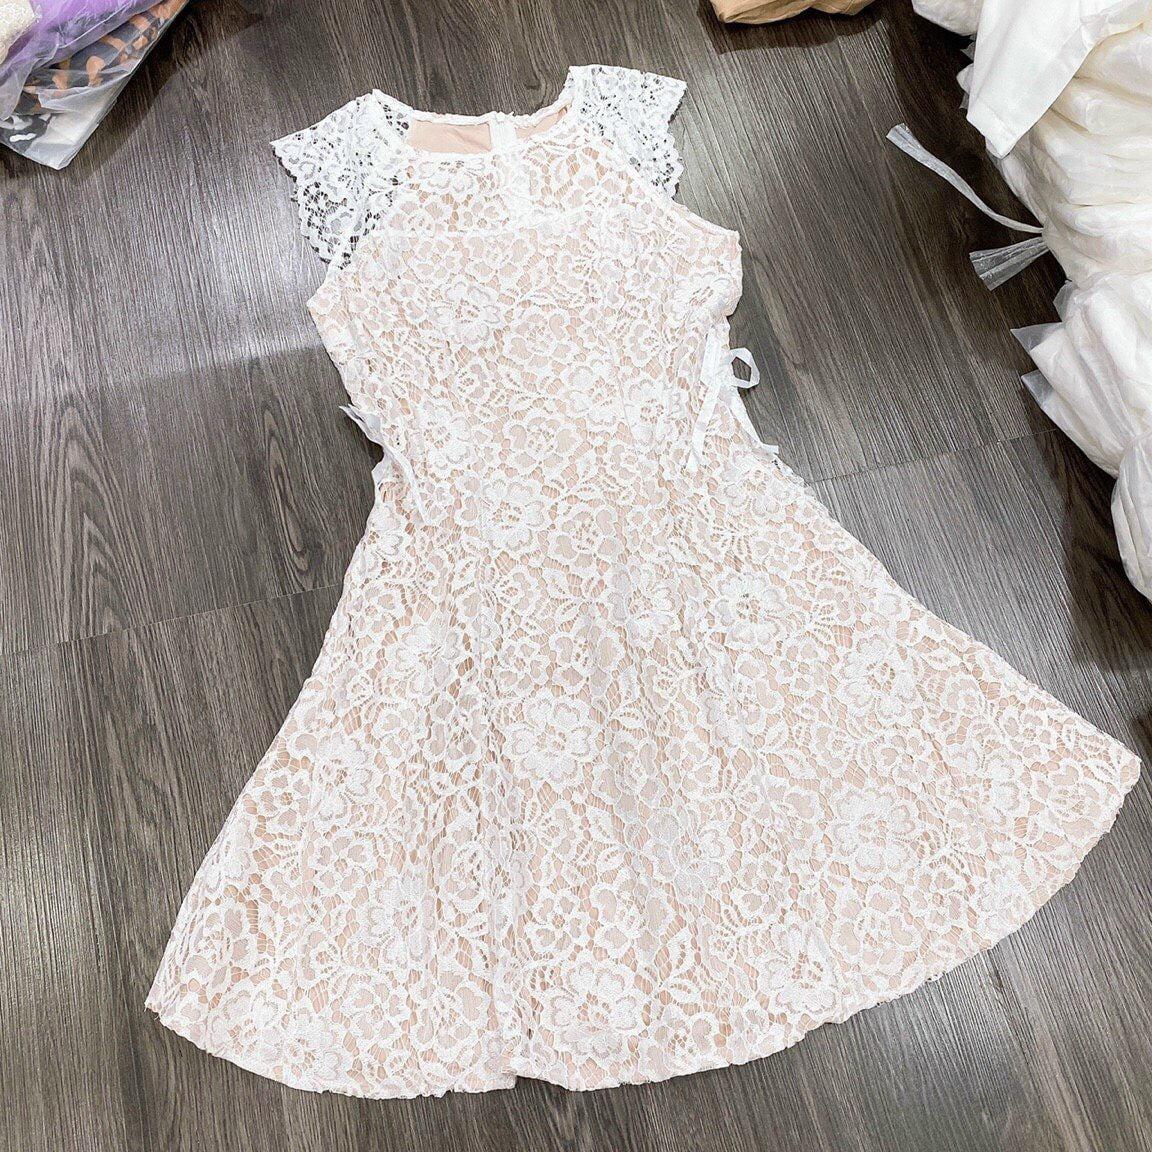 Nắm bắt xu hướng thời trang hè 2021 khiến phái nữ mê mẩn cùng Nguyễn Thư Store - Ảnh 3.